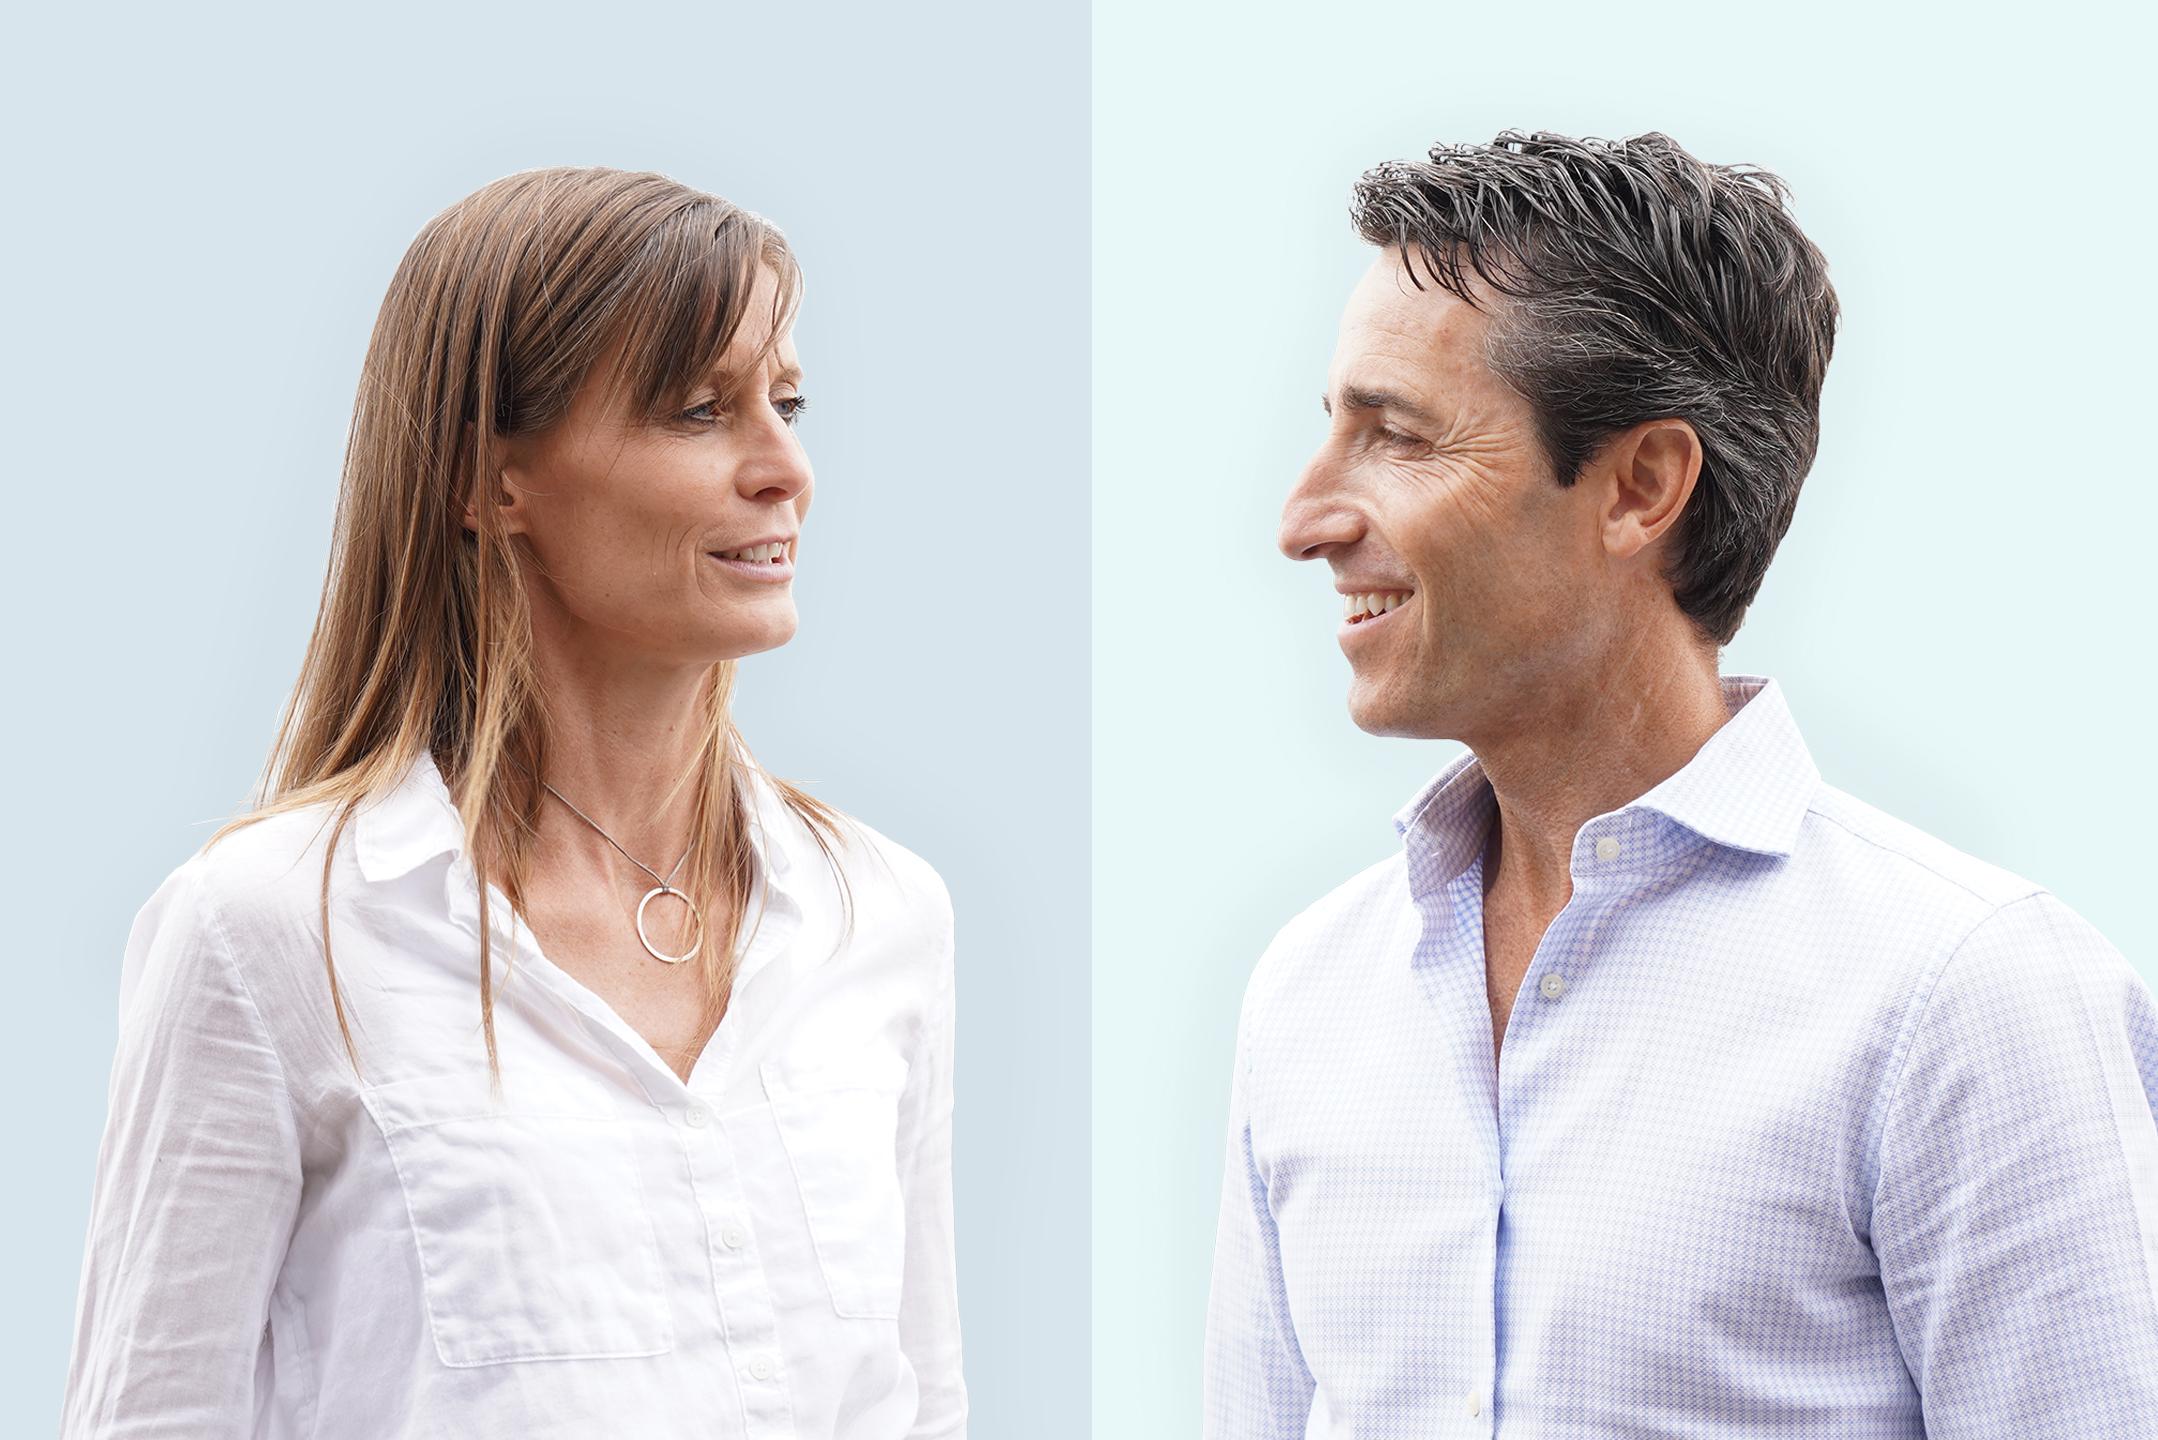 Dr. Johanna Weiland und Prof. Dr. Jürgen Lutz lächeln vor hellblauem Hintergrund.